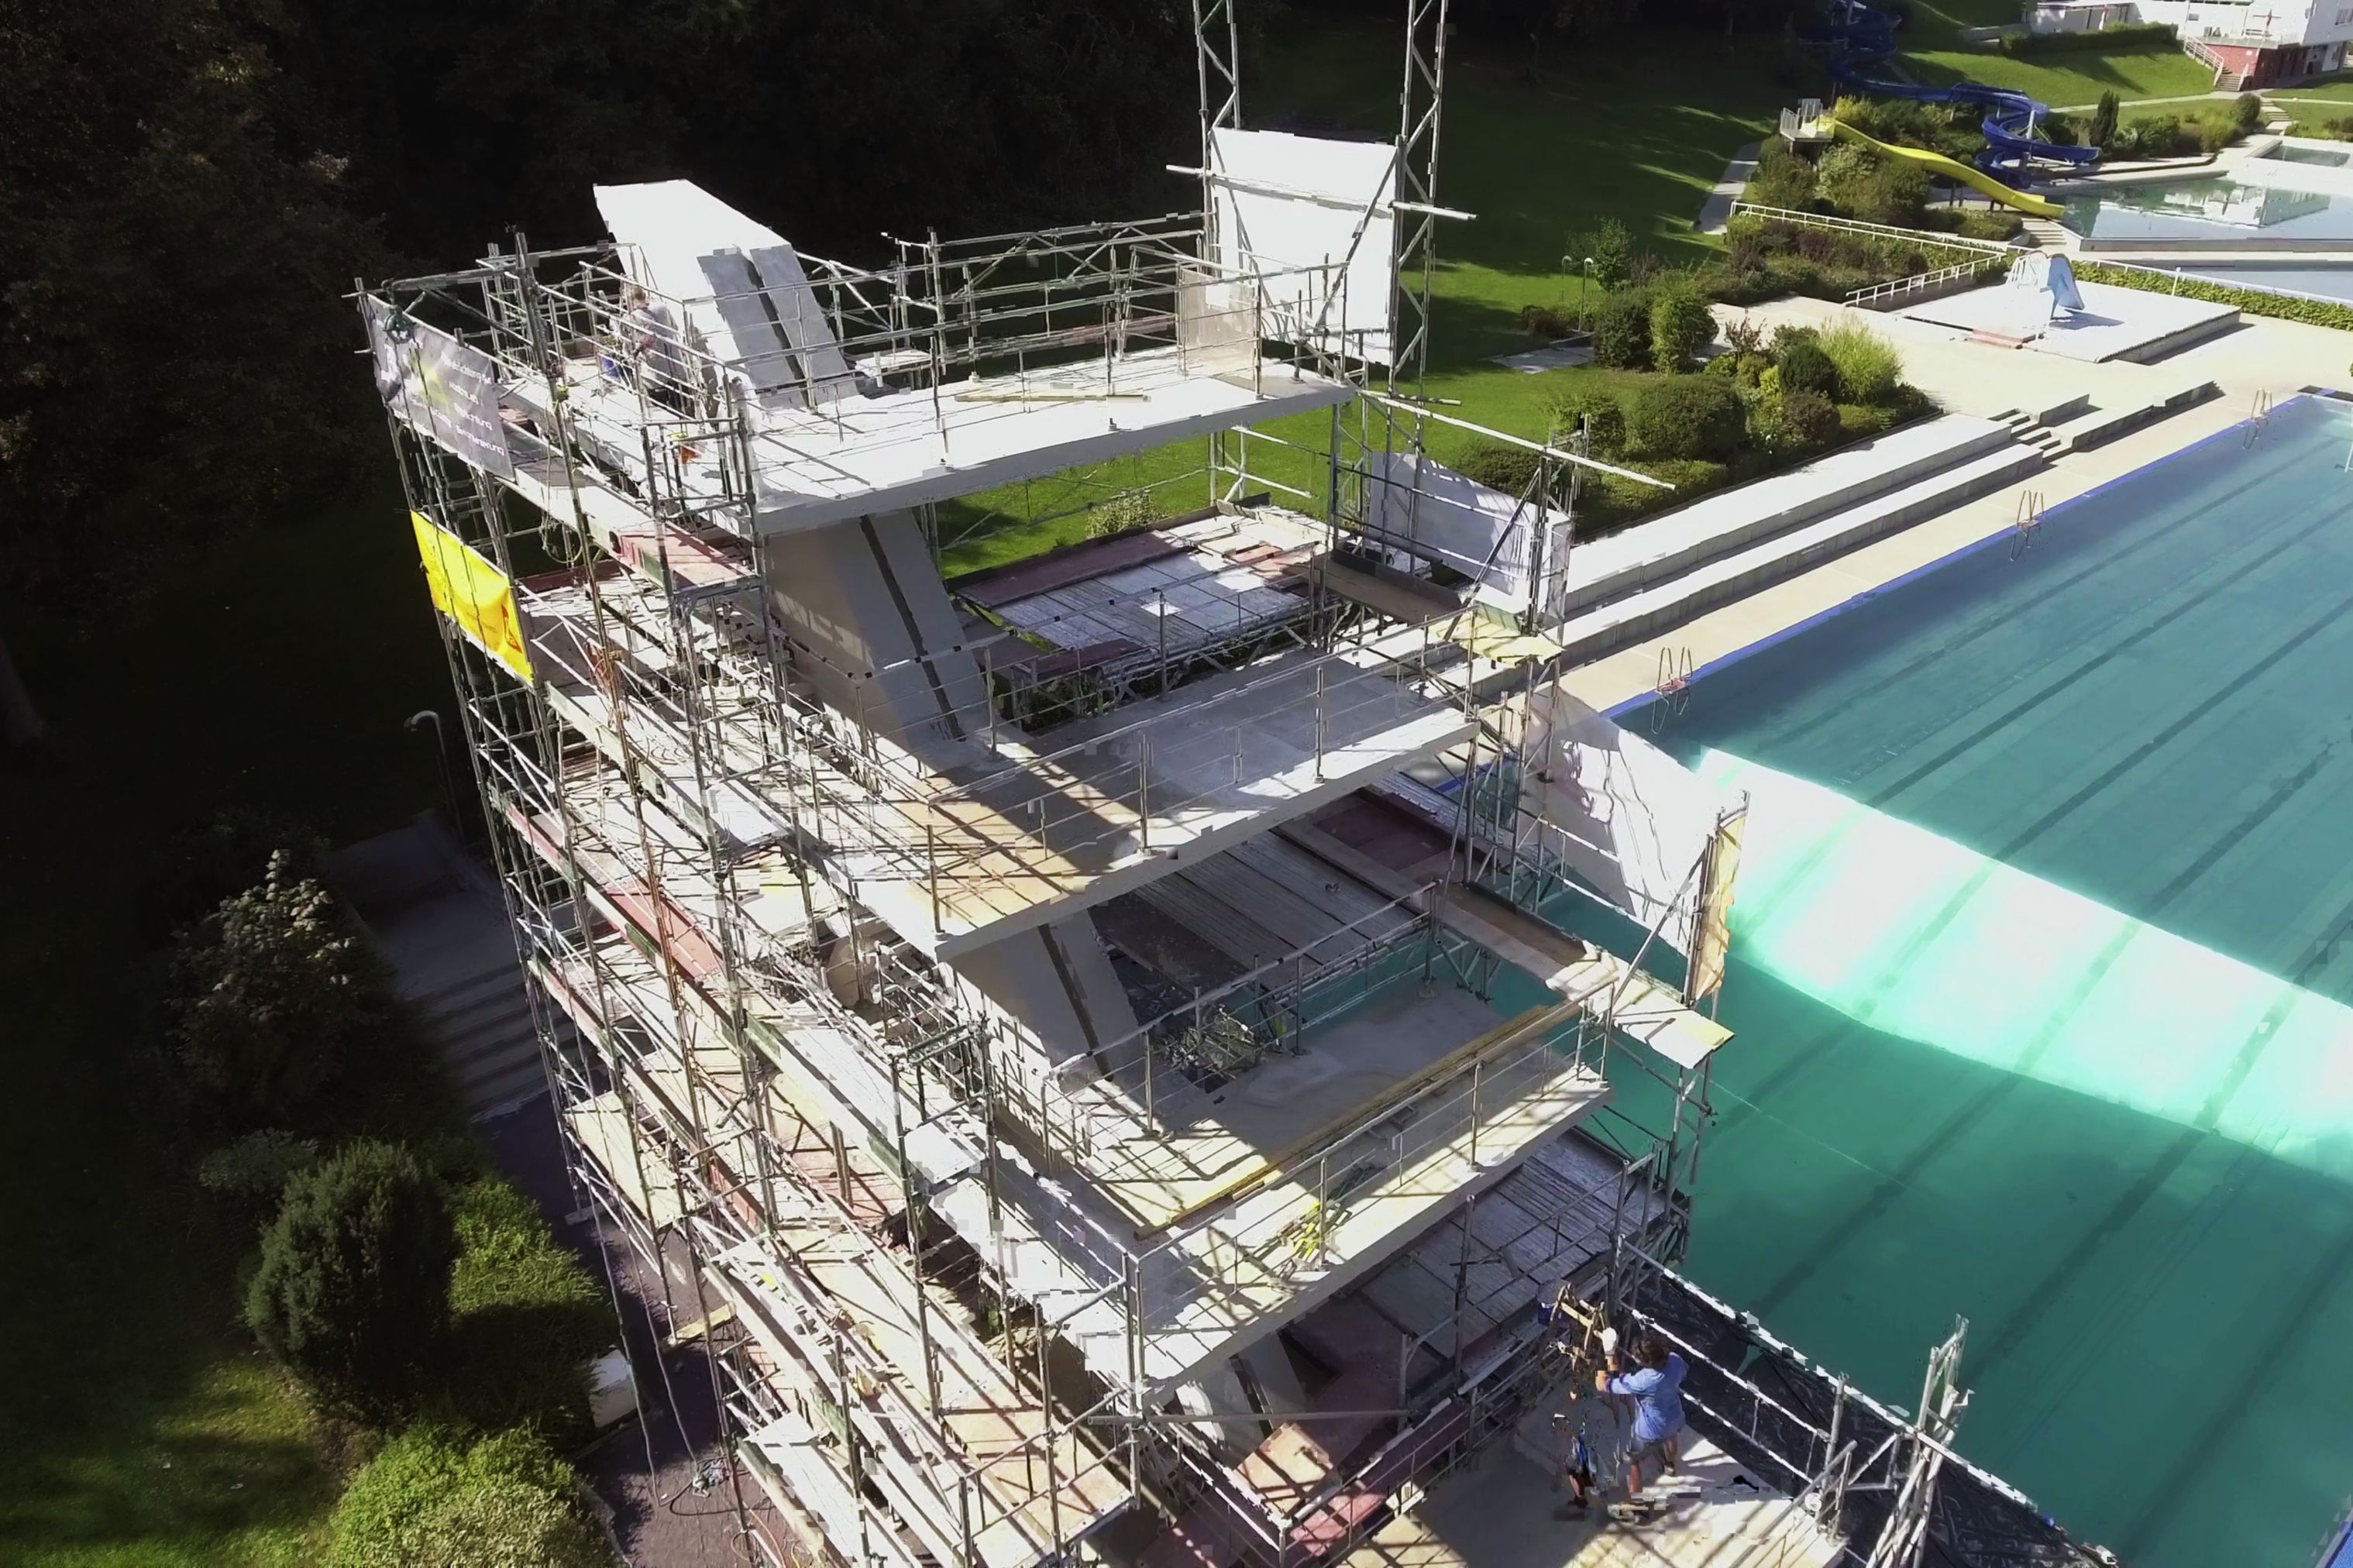 Das 50-Meter Sportbecken mit seinem 10 m hohen Sprungturm bildet das Herzstück des Freibades in Steyr